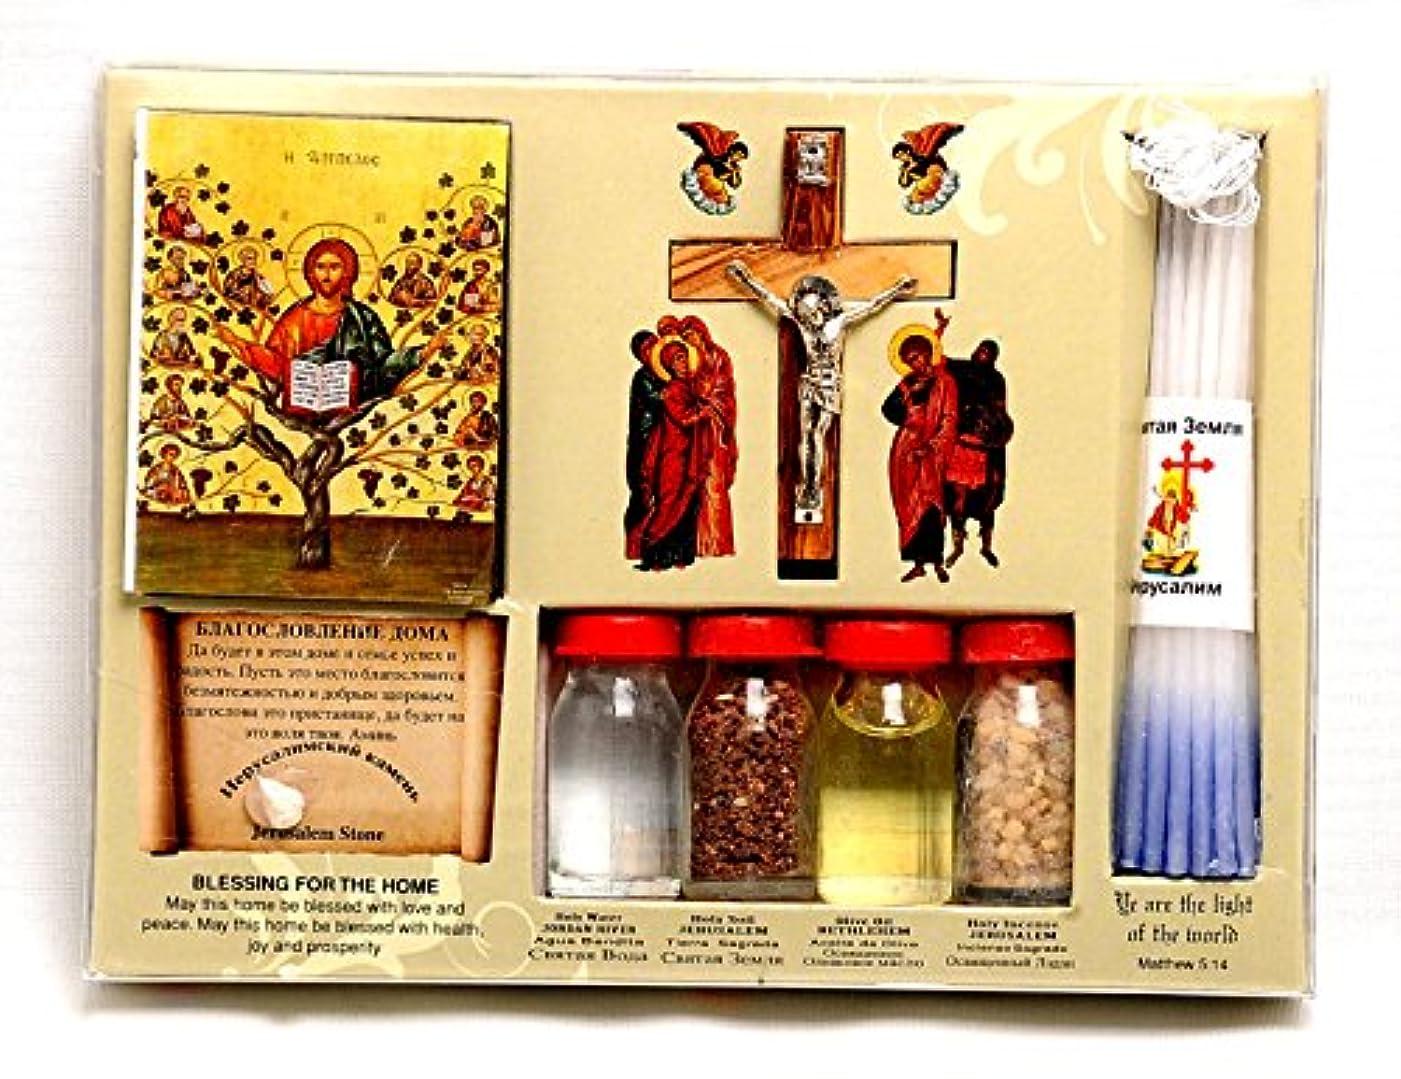 絶望的な独裁者つぶすホーム祝福キットボトル、クロス&キャンドルに聖地エルサレム